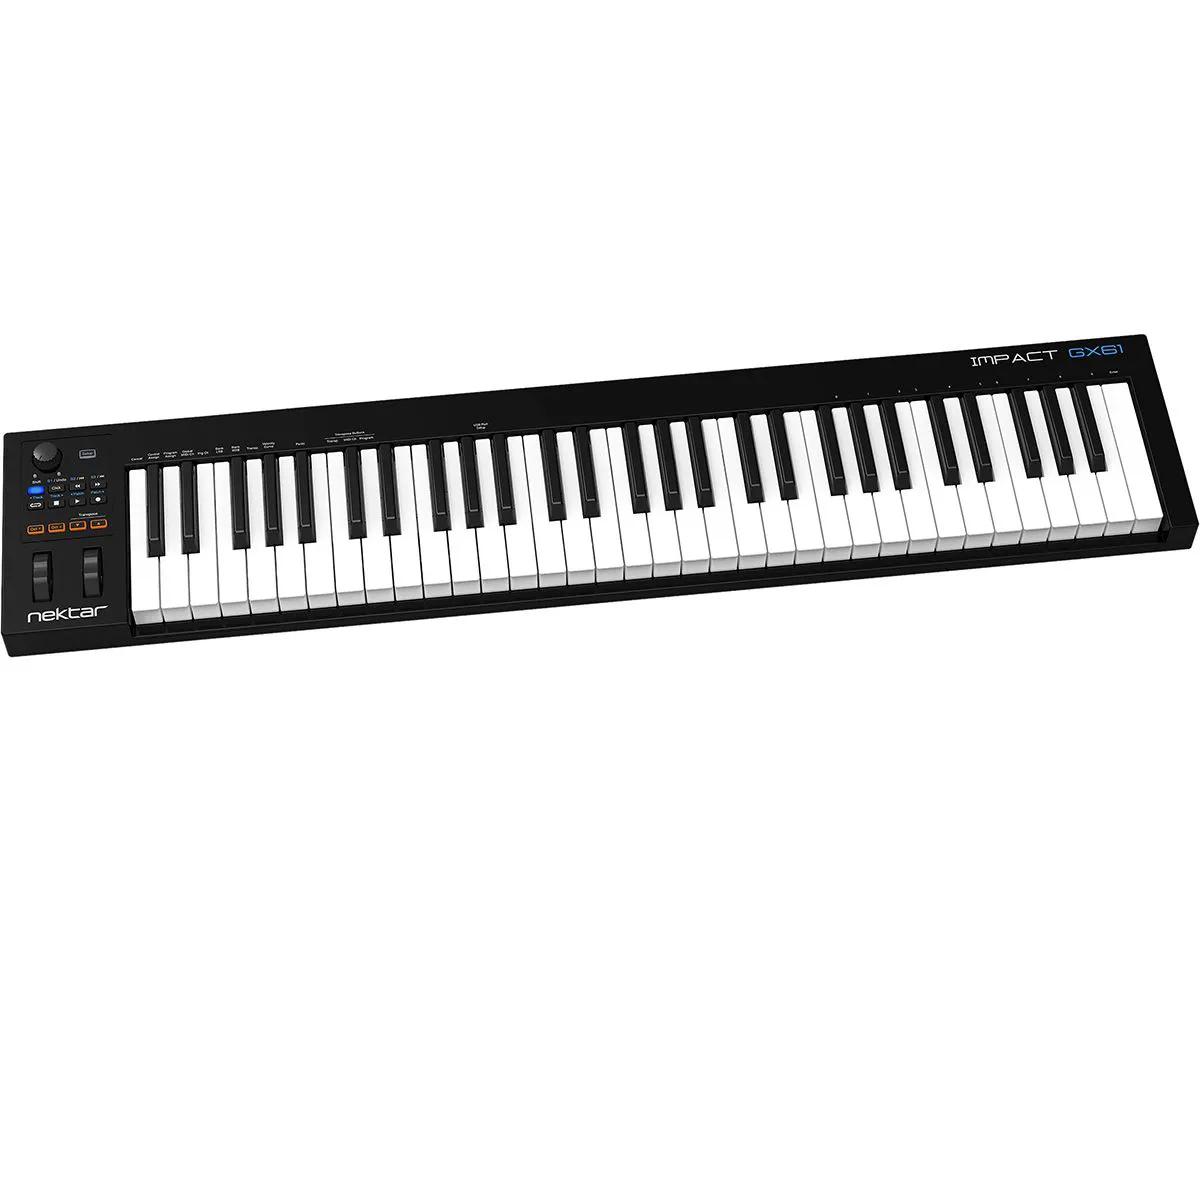 Teclado Controlador Nektar Impact Gx61 MIDI USB 61 Teclas